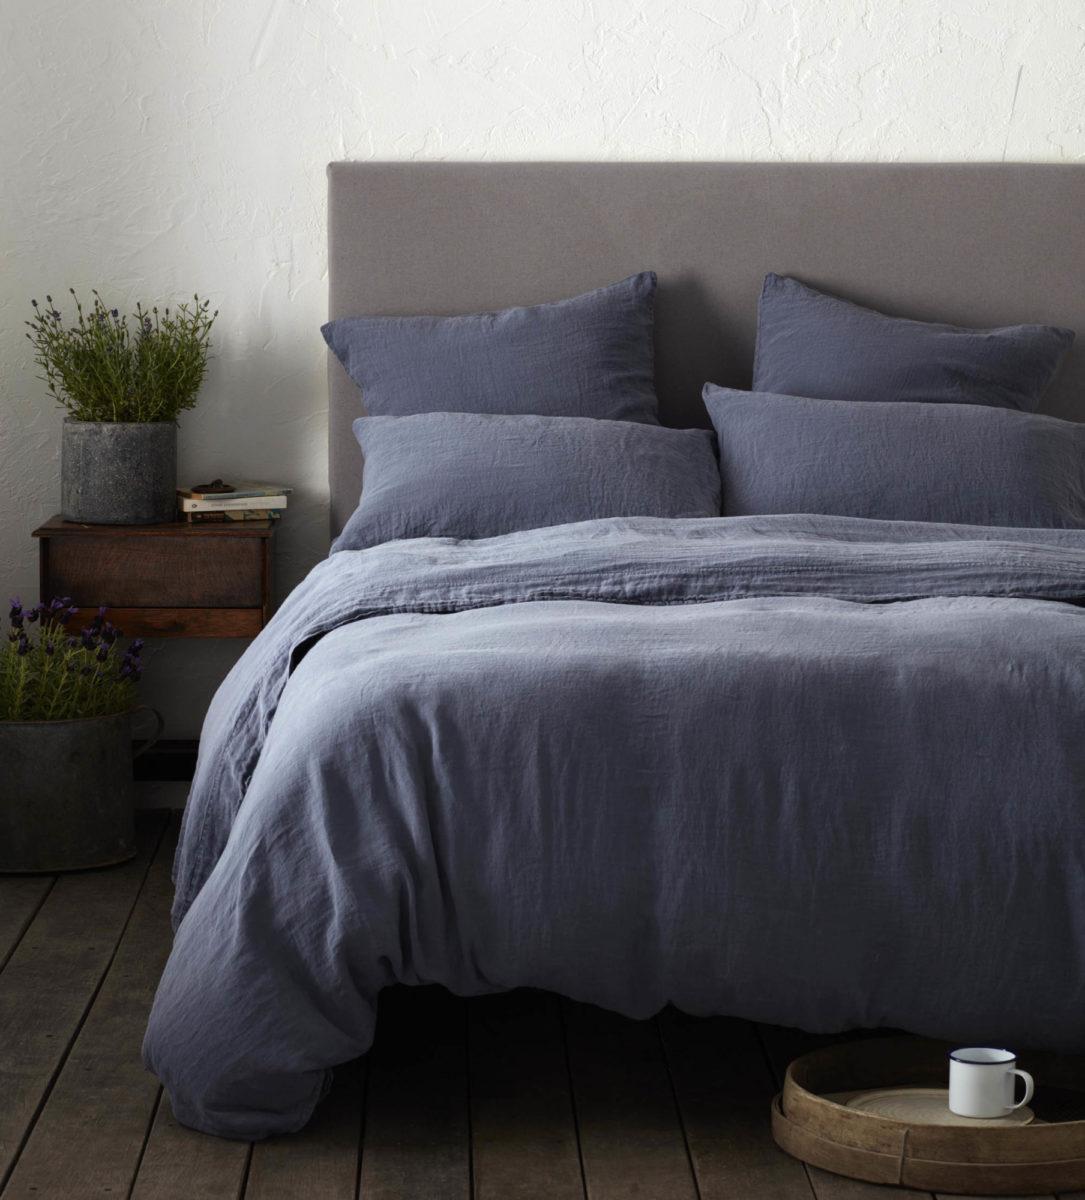 French Blue 100% Linen Duvet Cover